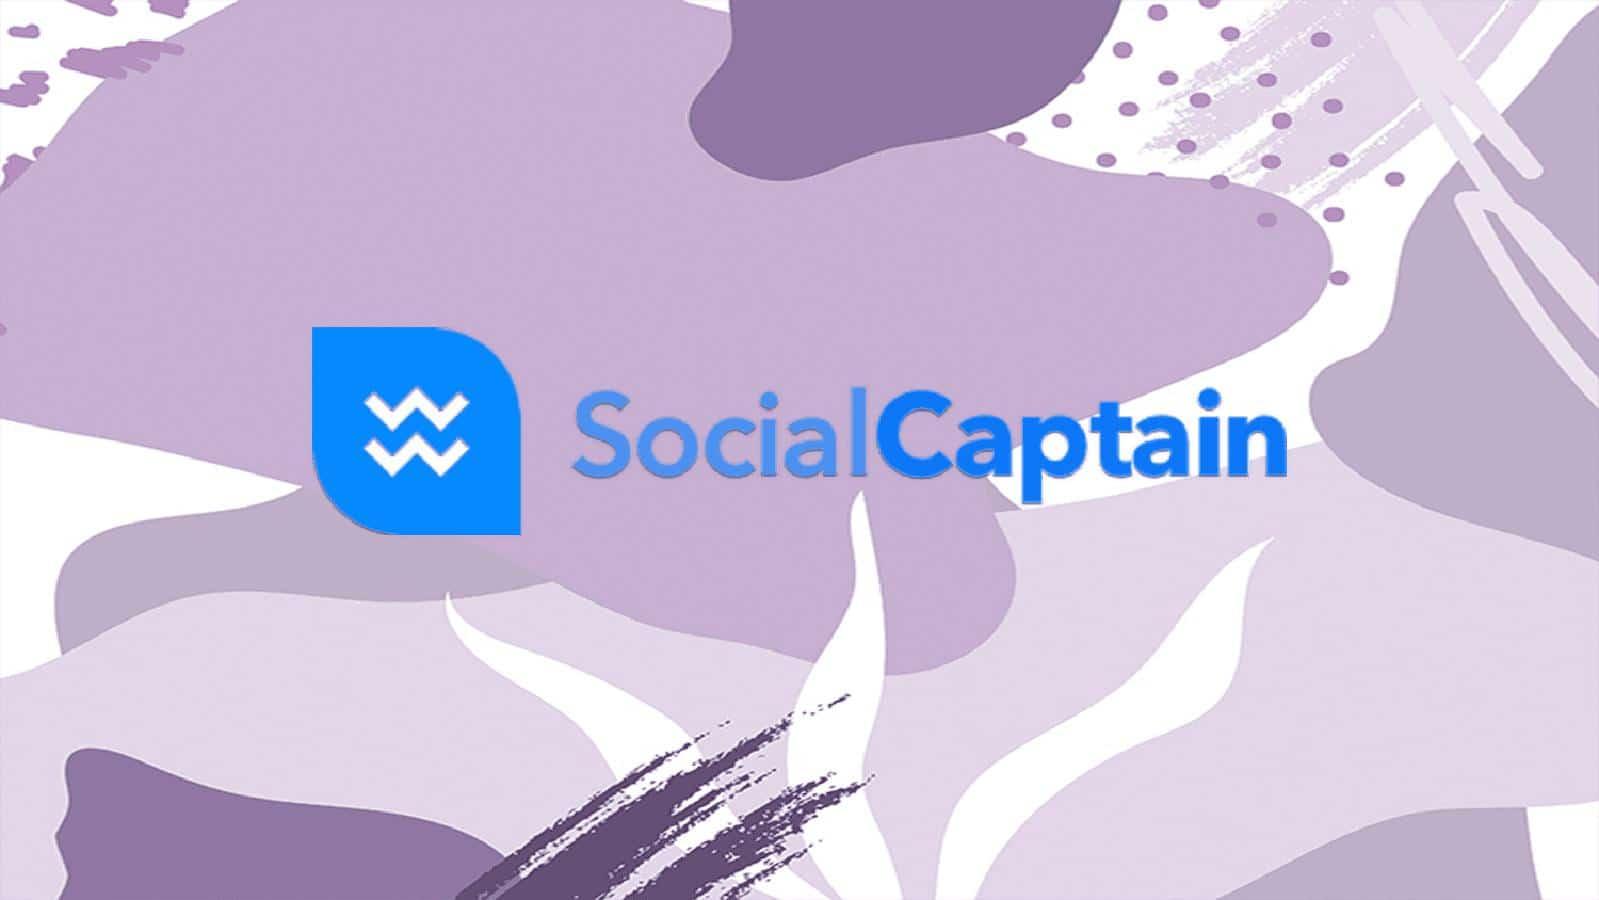 socialcaptain